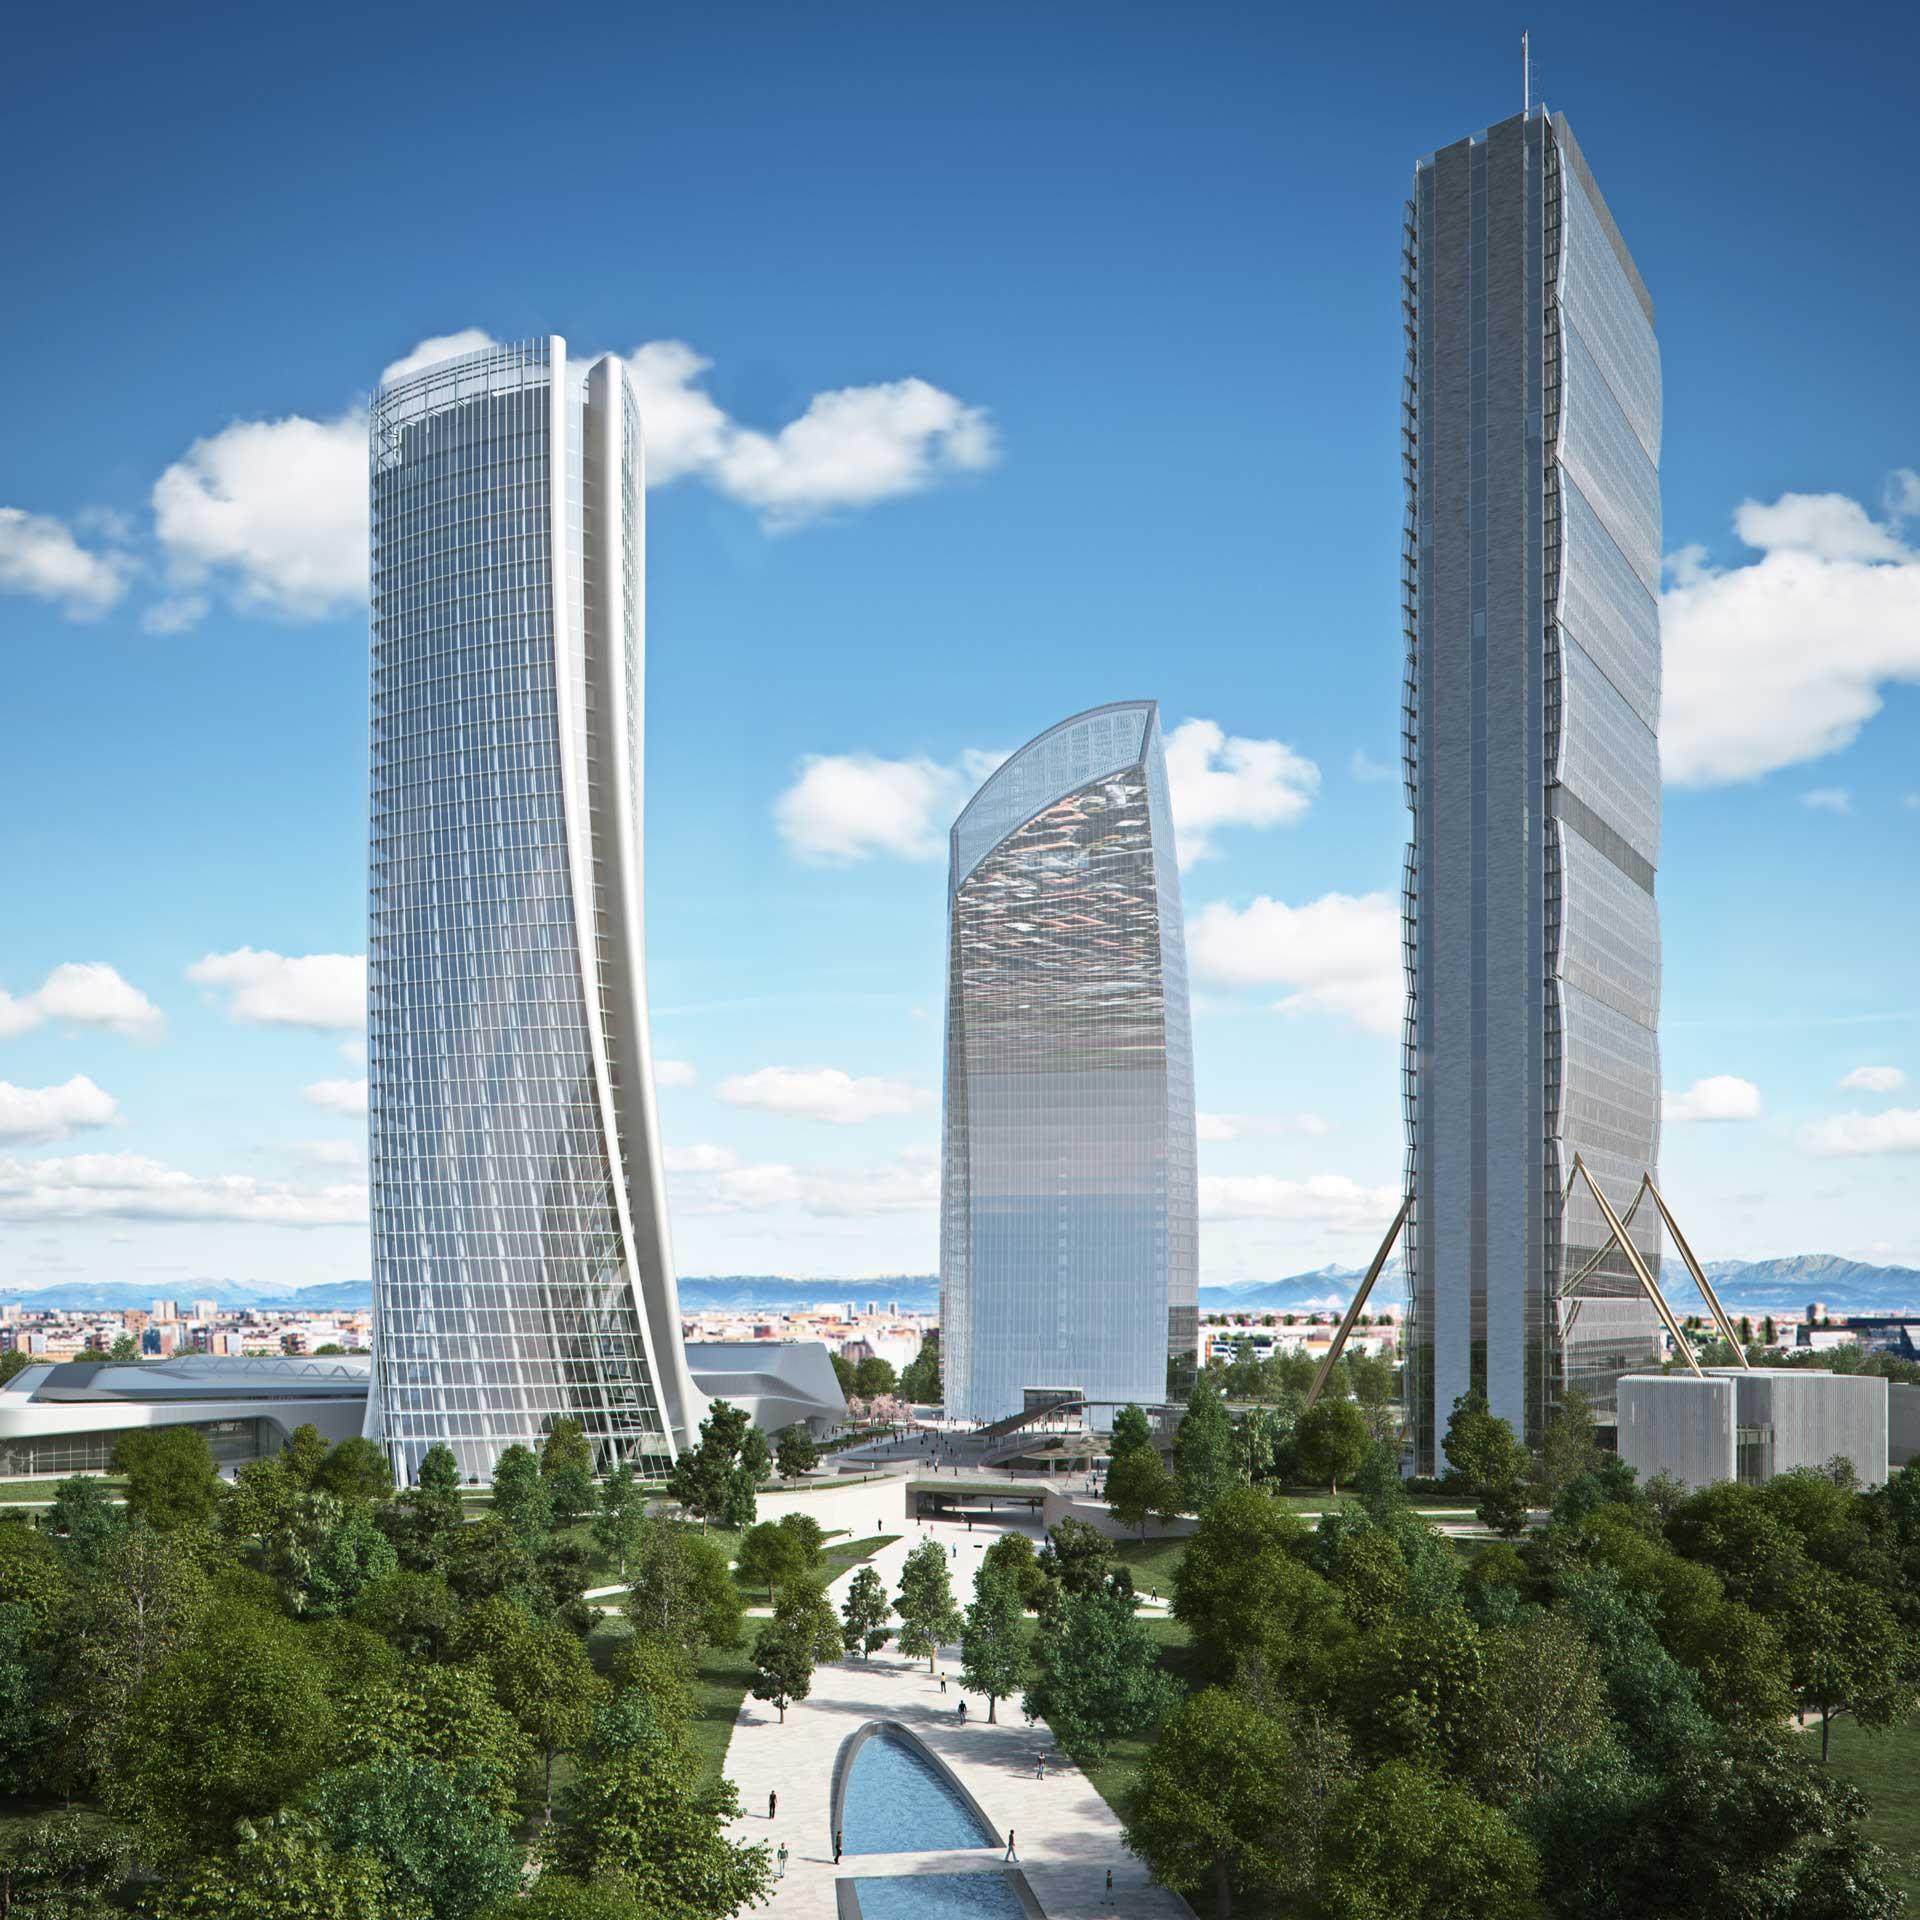 City Life Milano / Un Complejo Residencial de Zaha Hadid 9